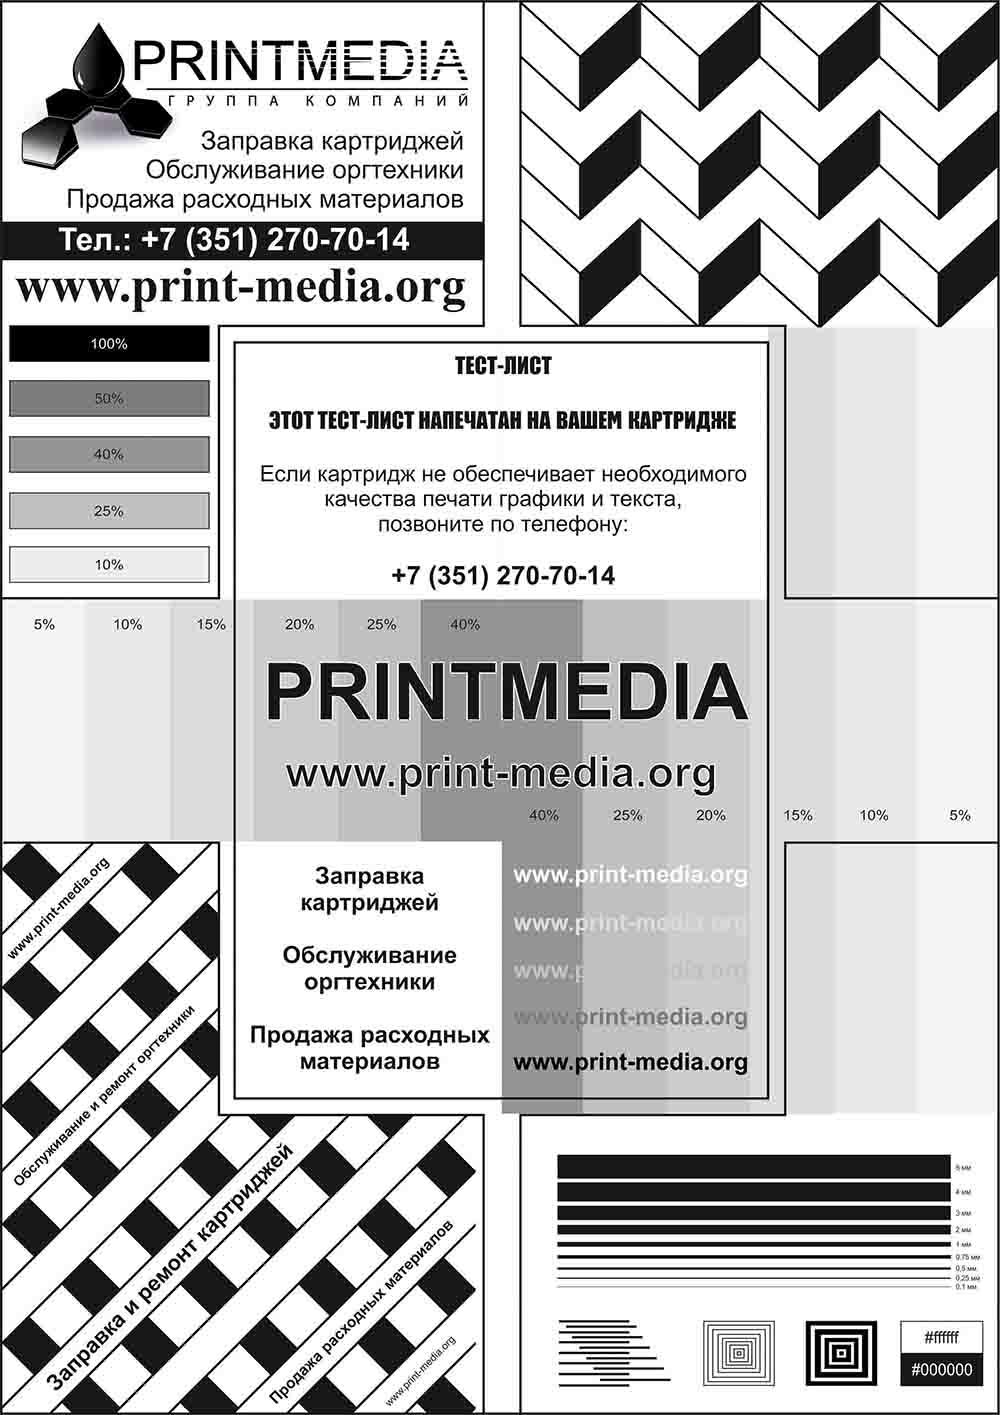 Картинка для теста лазерного принтера